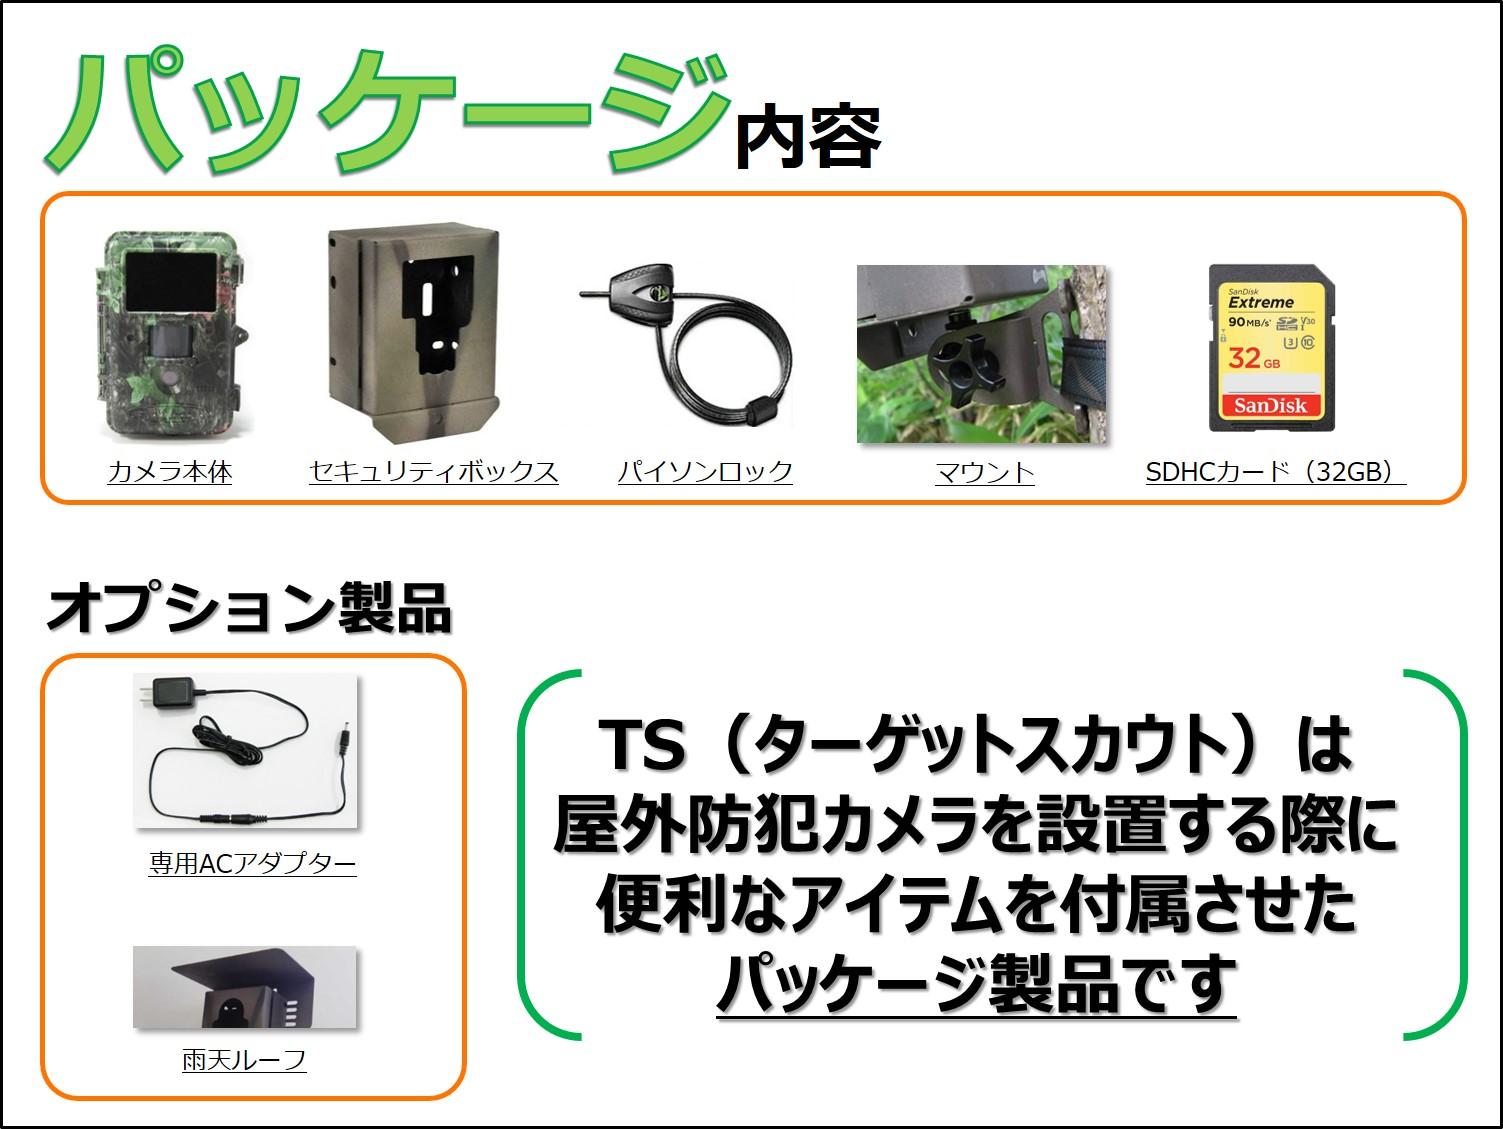 ターゲットスカウトTS700 パッケージ構成品